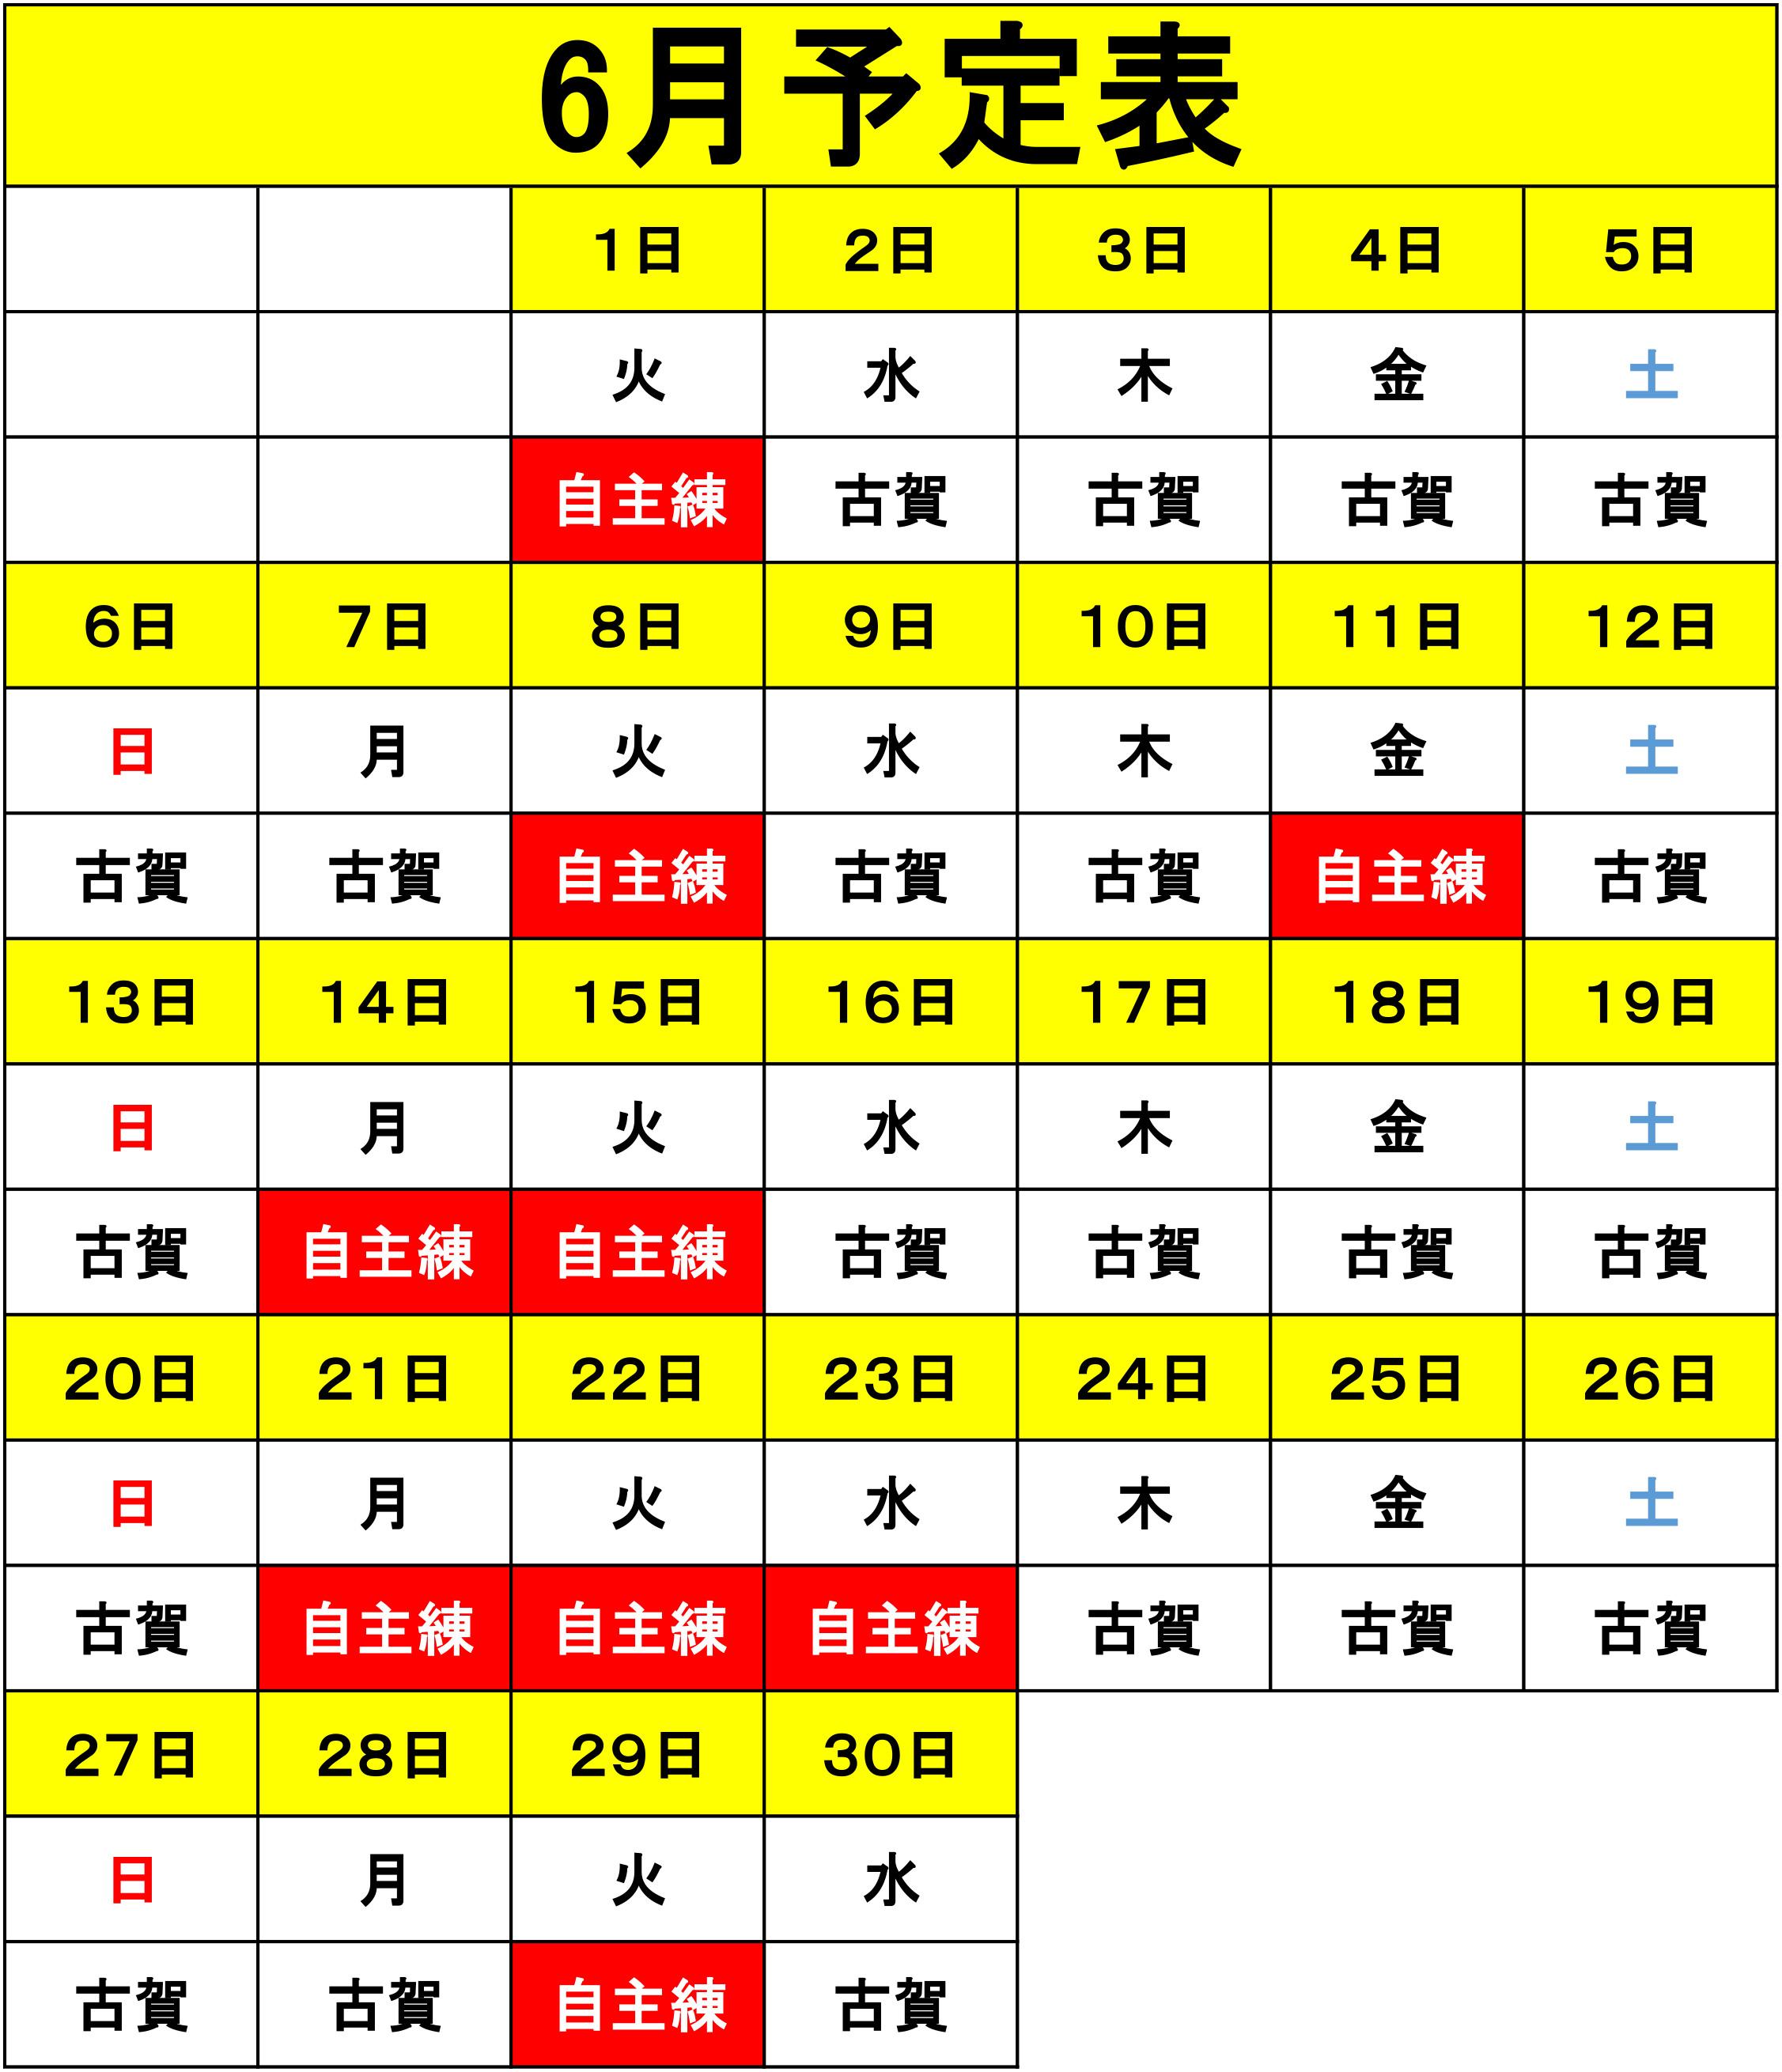 ゴルフスクール西神戸6月予定表